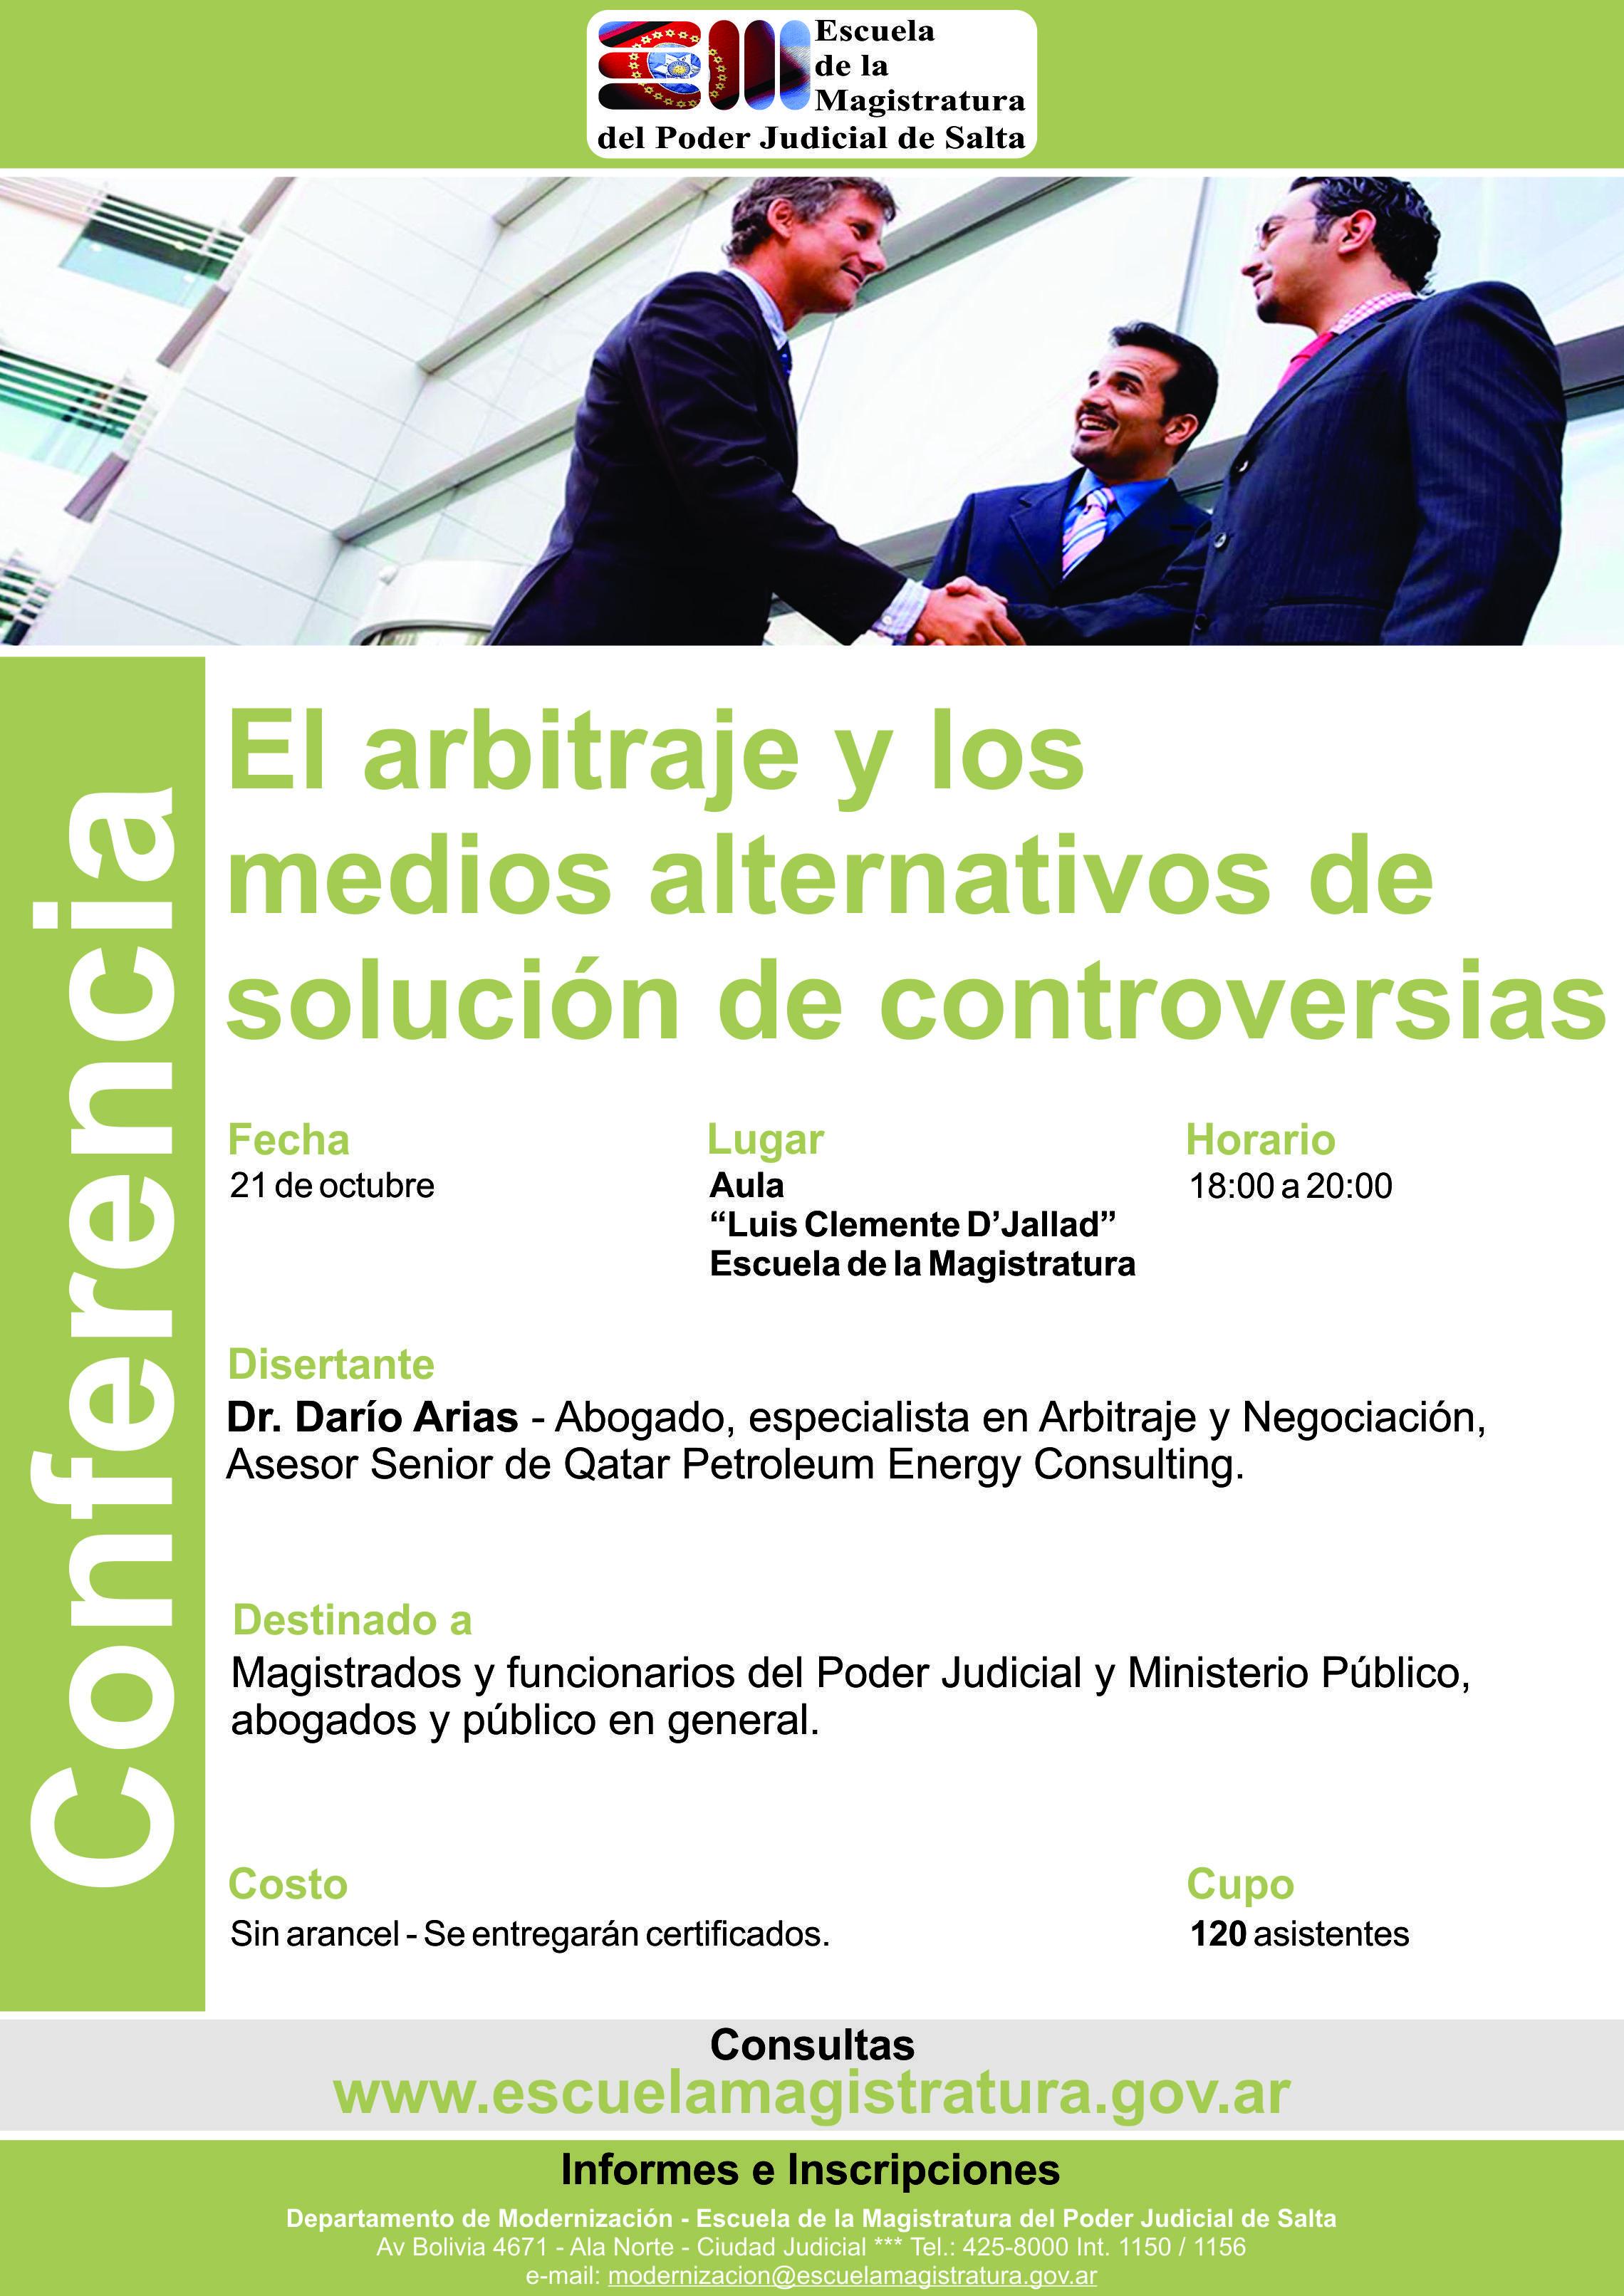 El Arbitraje y los medios alternativos de resolución de conflictos